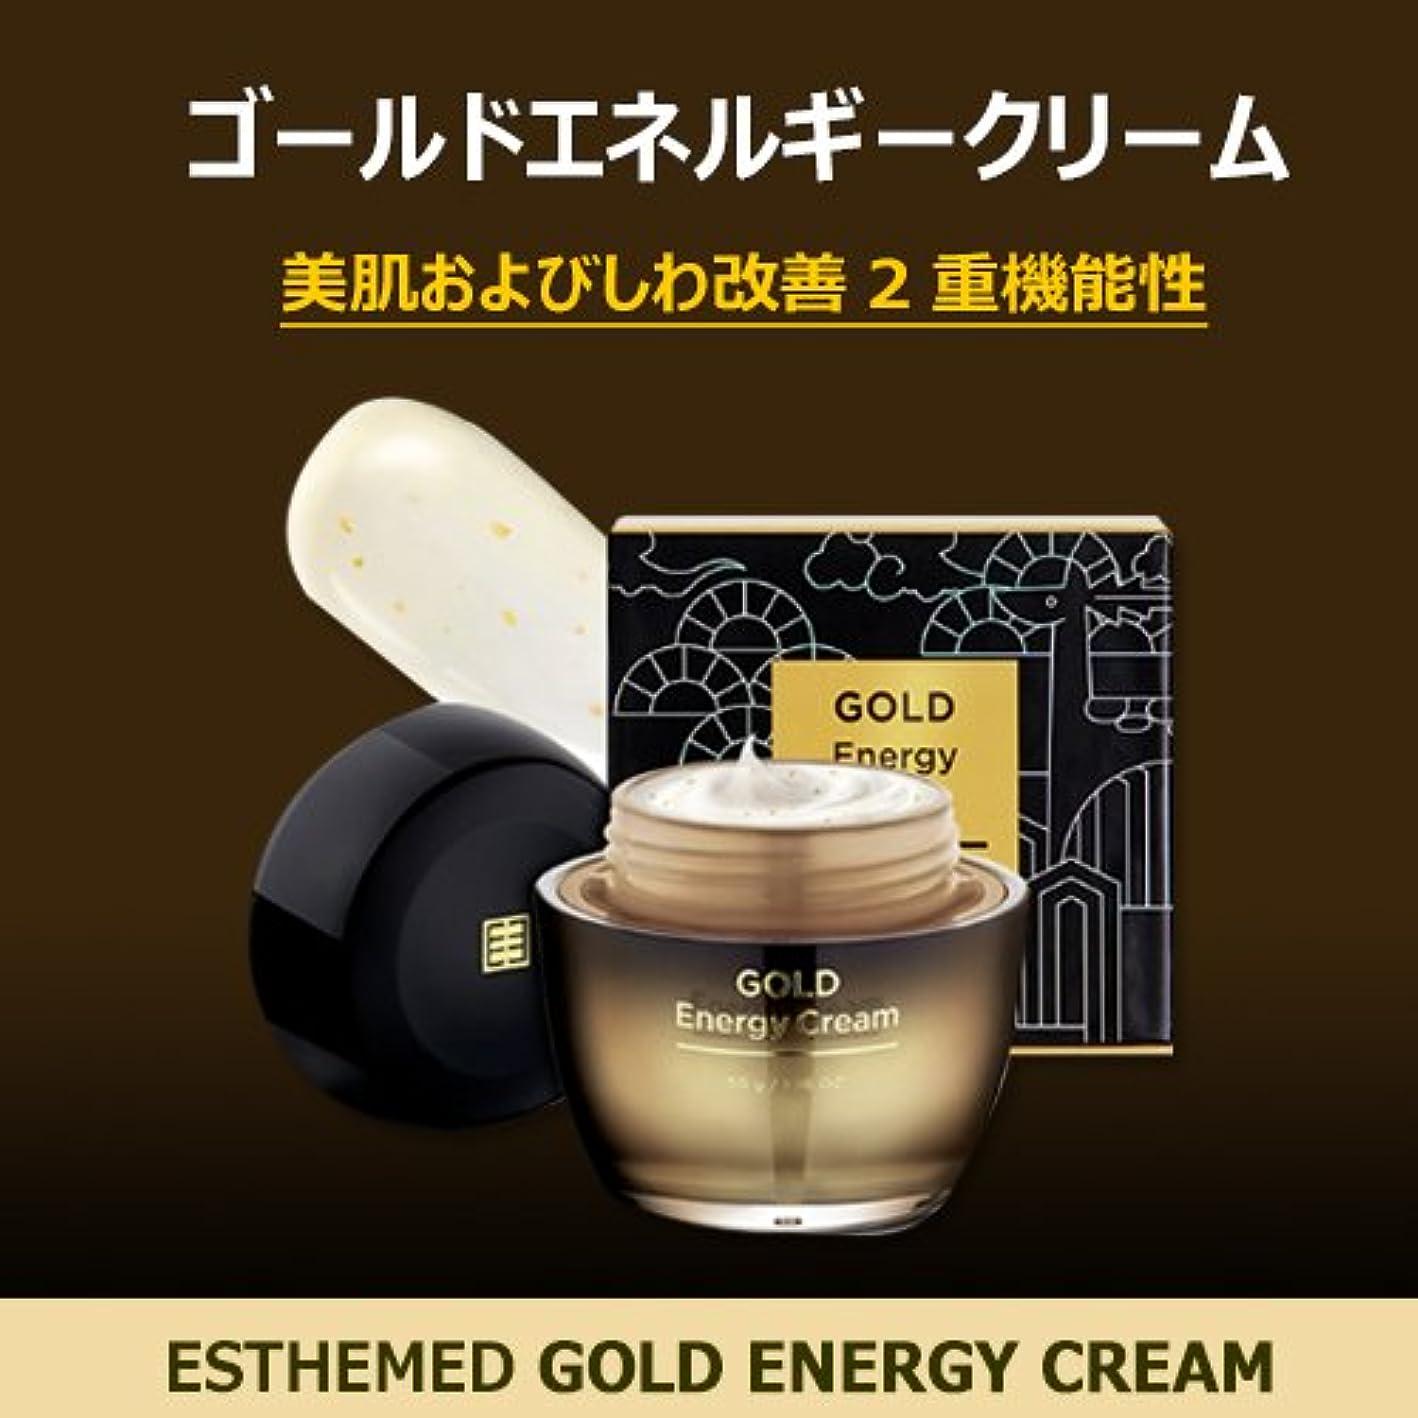 練るラップトップ強制的ESTHEMED 【NEW!! エステメドゴールドエネルギークリーム】ESTHEMED GOLD Energy Cream 50g